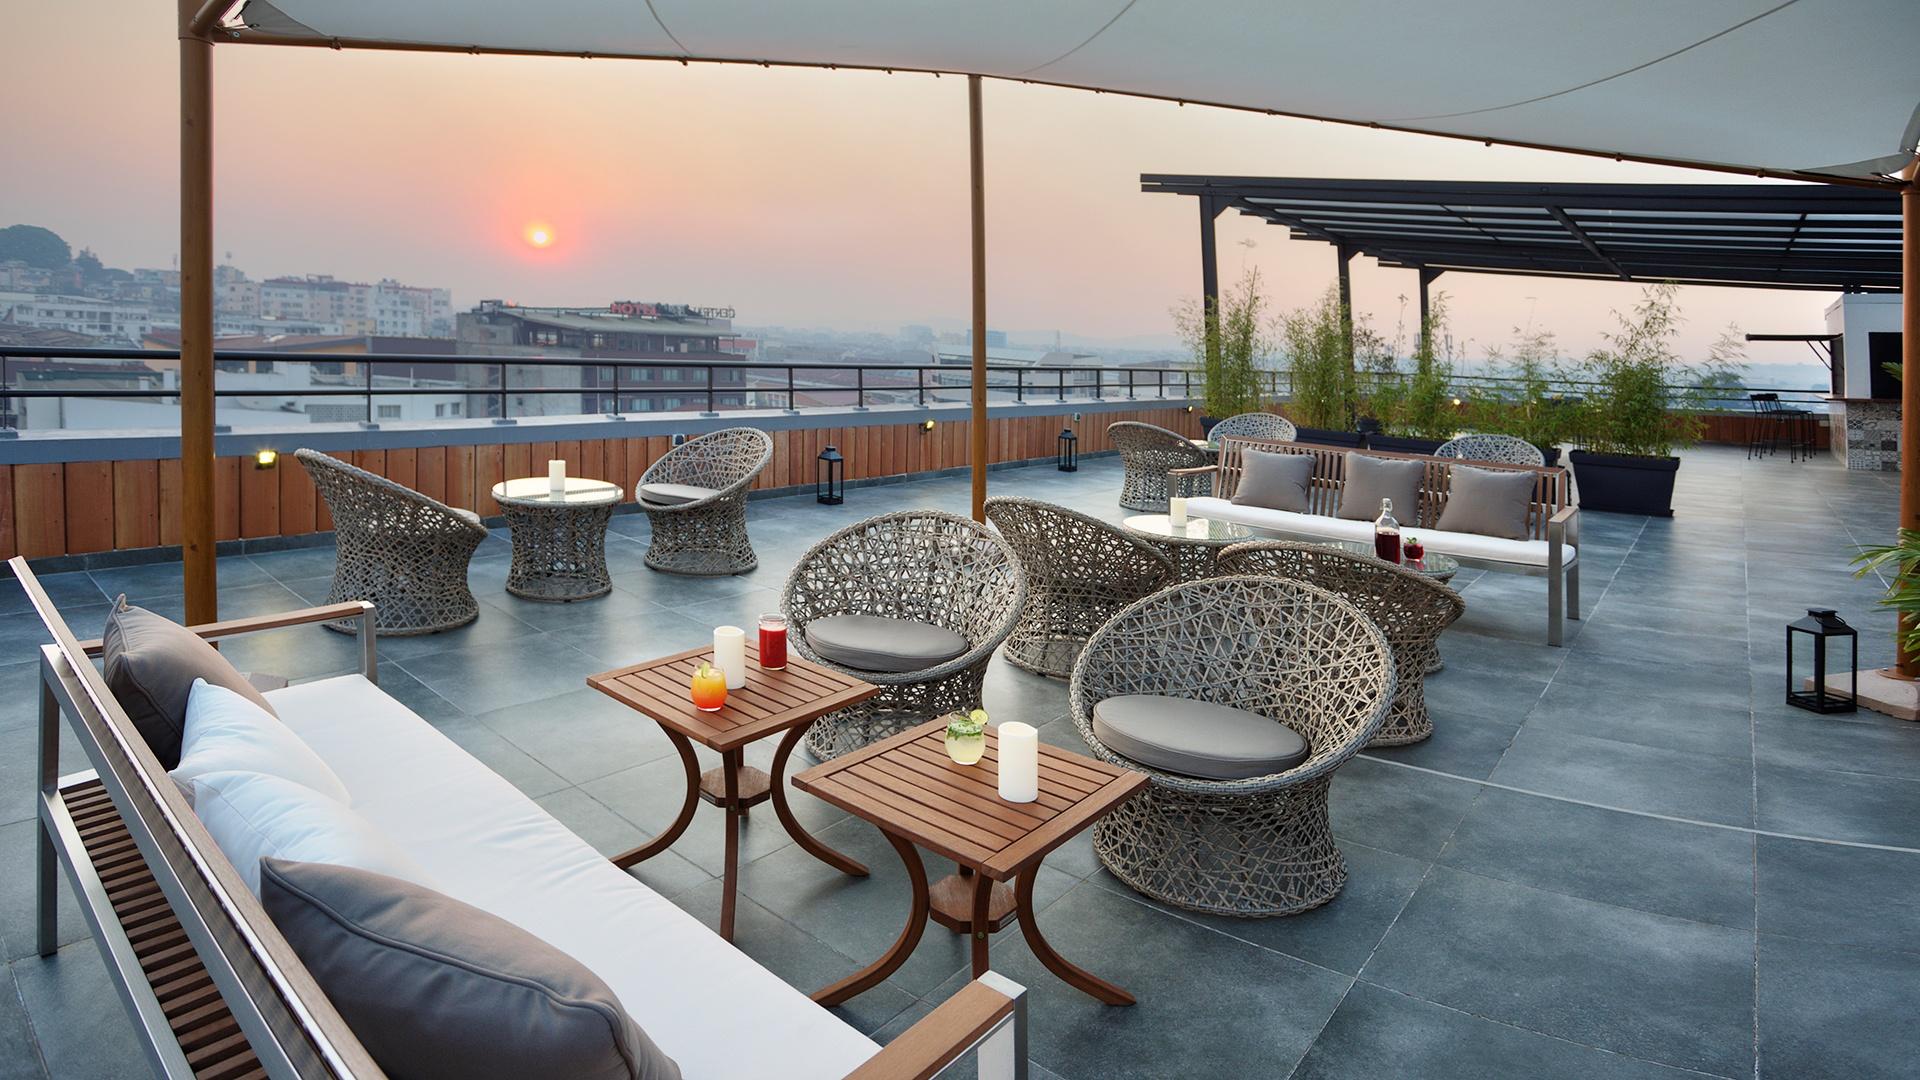 Tsanga Tsanga Hotel Rooftop Terrace